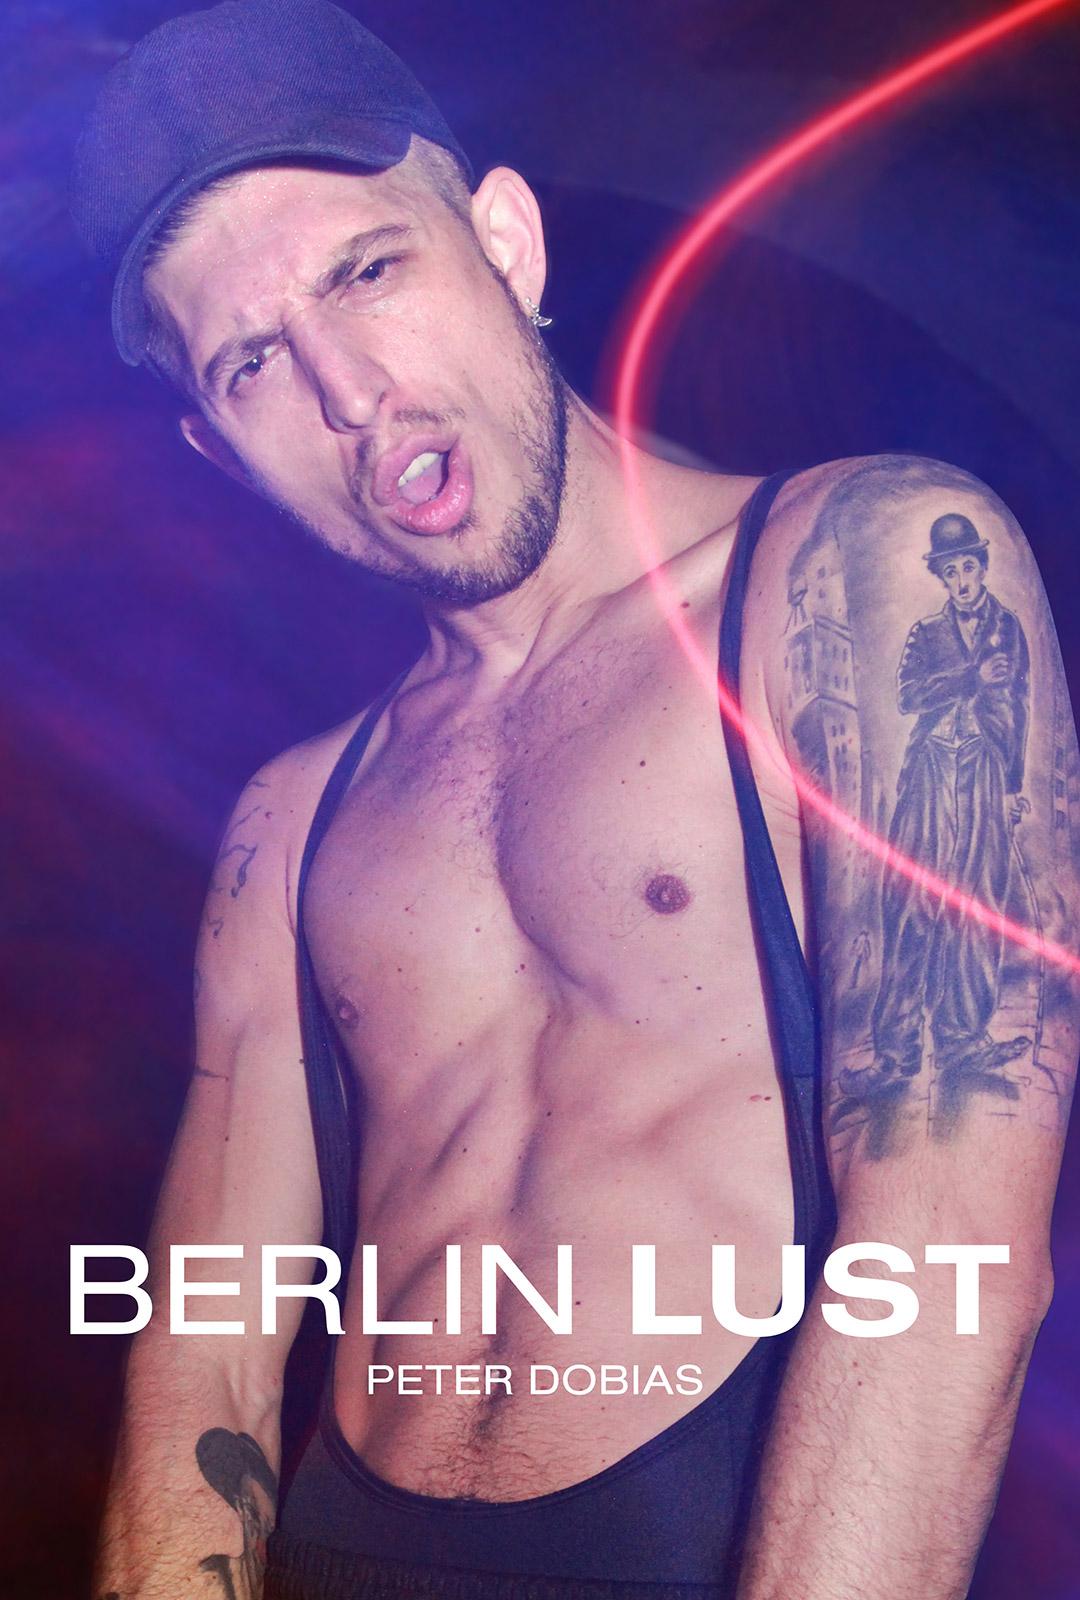 Peter Dobias | Berlin Lust